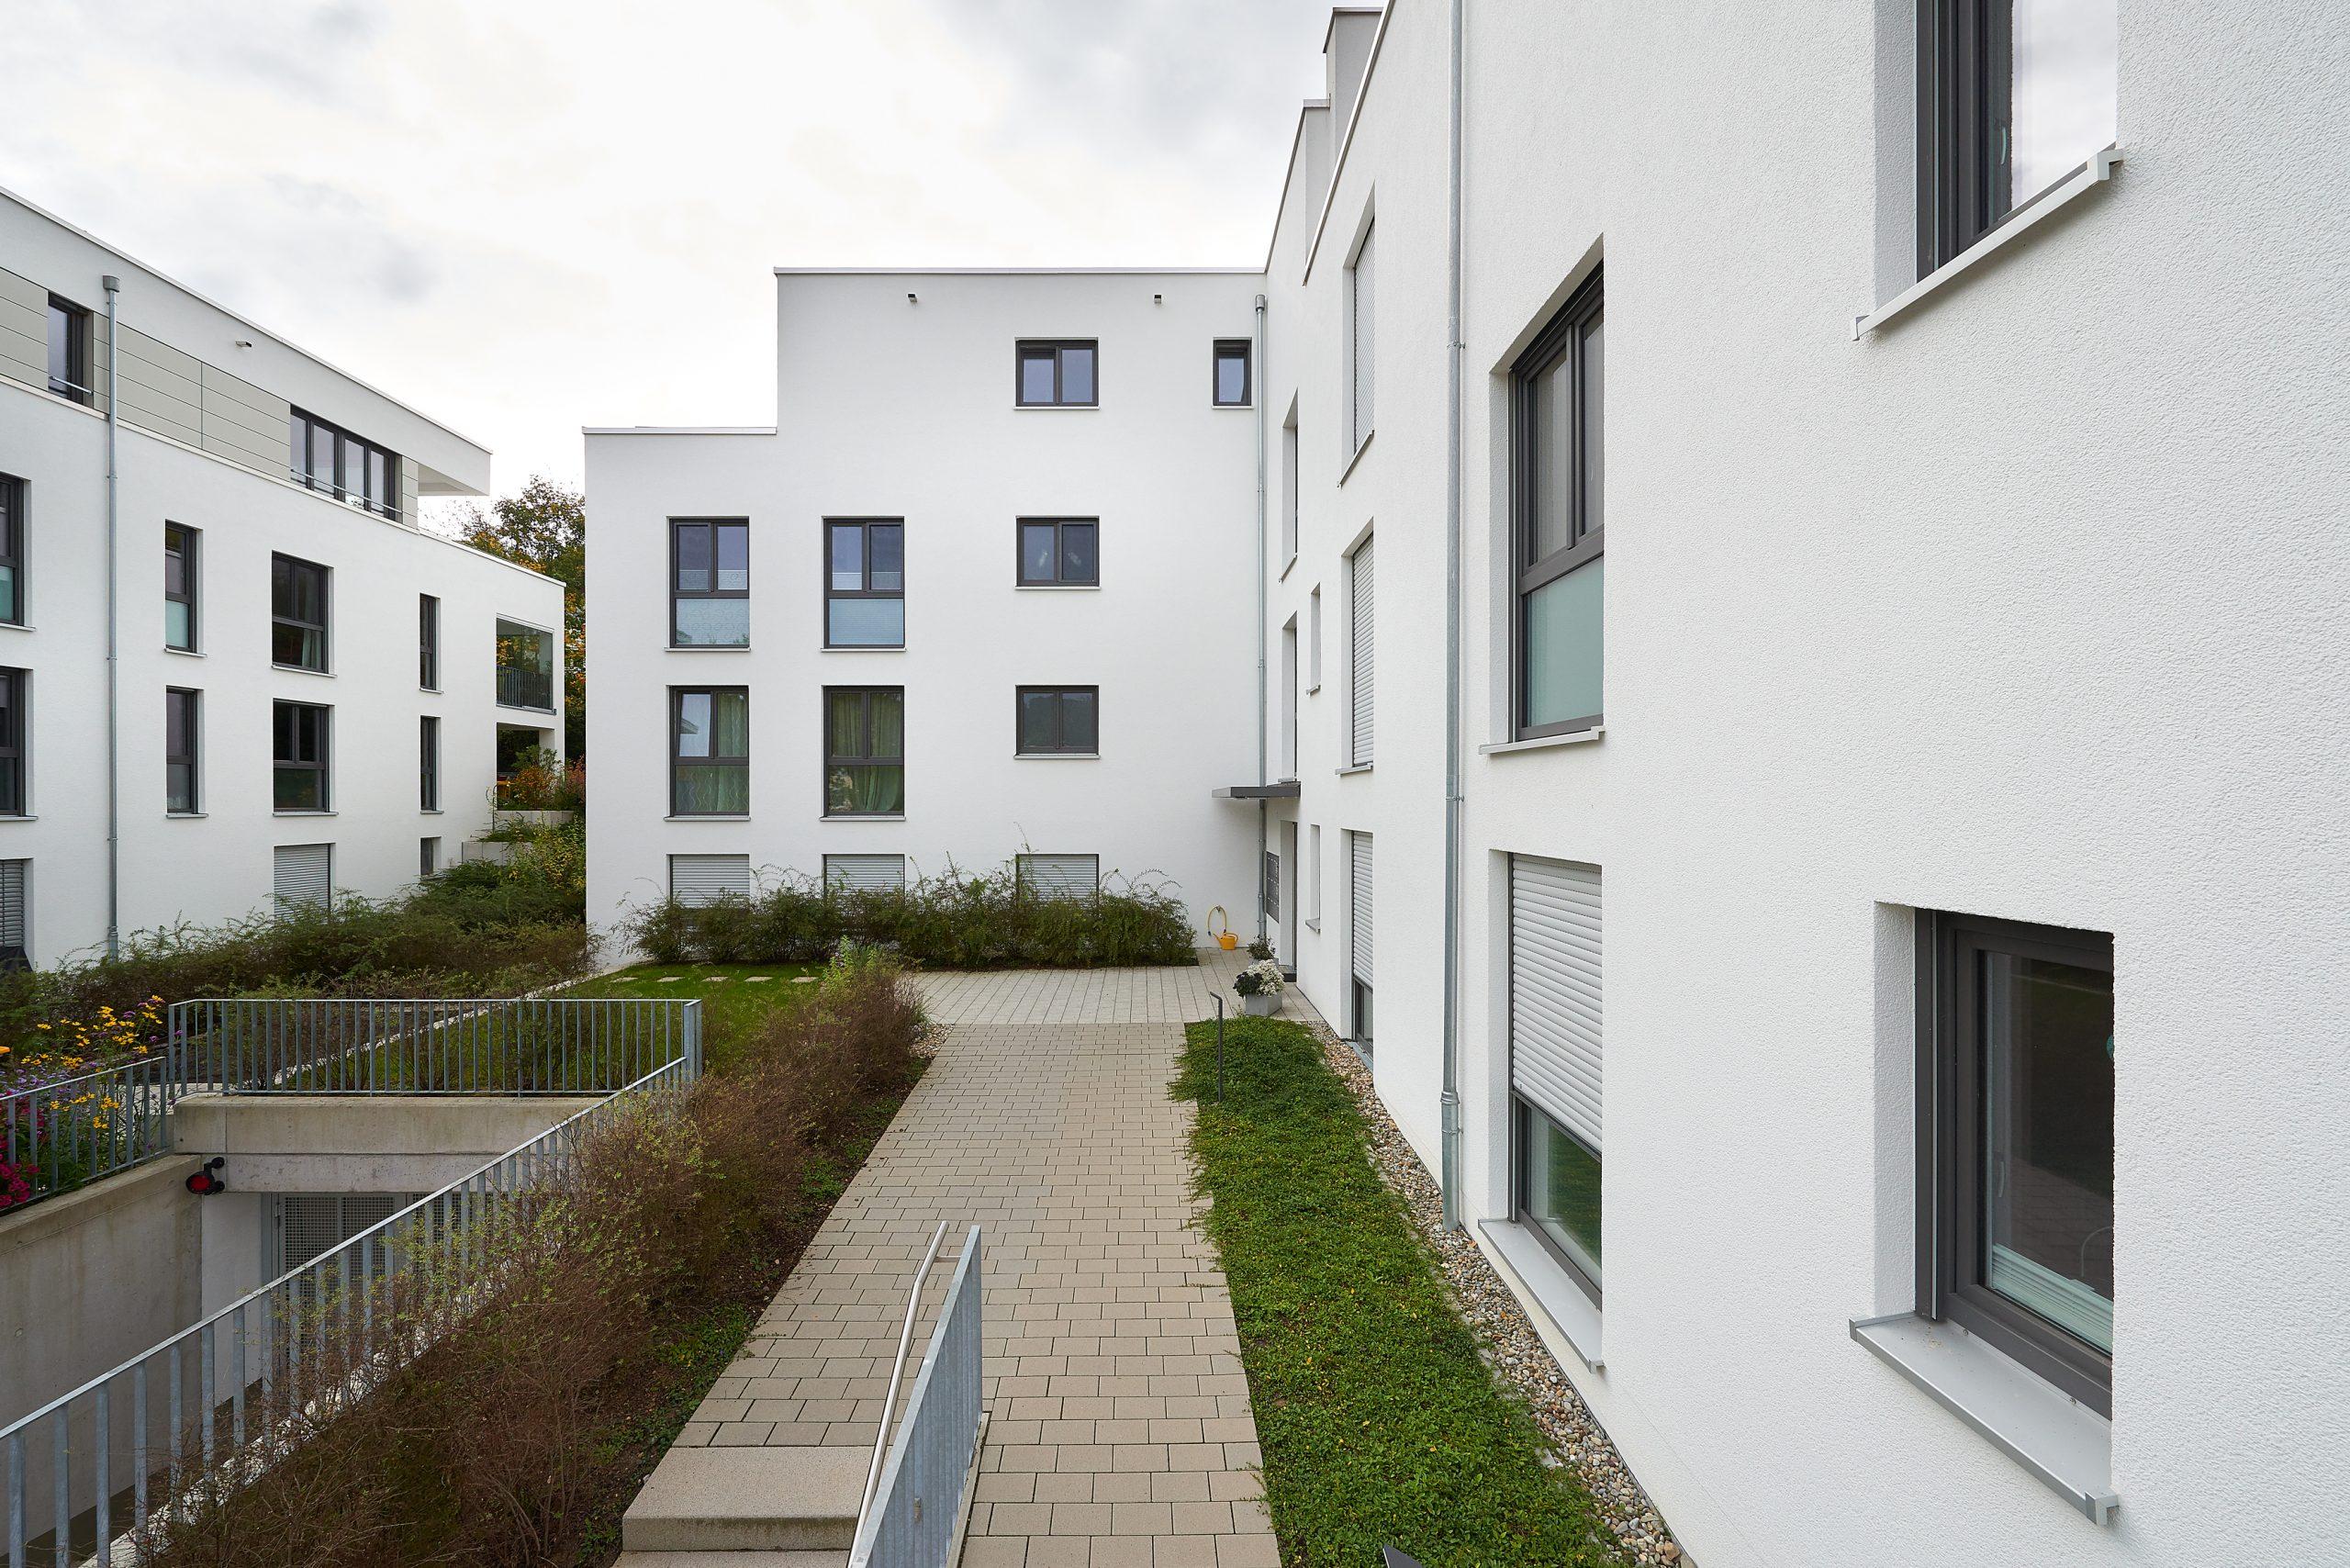 Wohnbebauung Kupferhammer in Tübingen